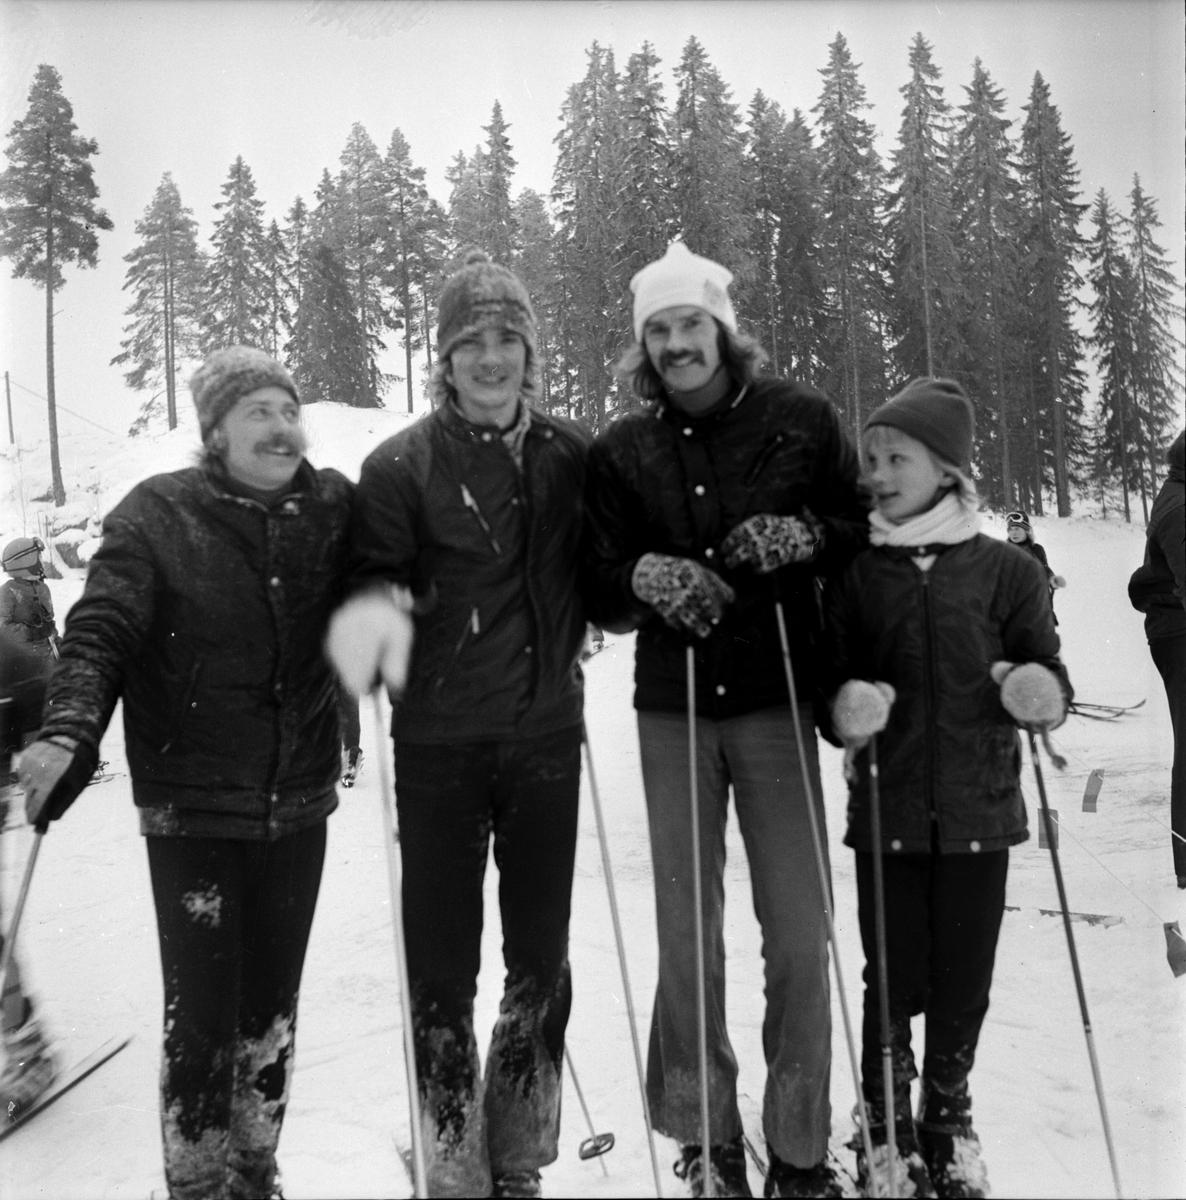 Orfa, 1973